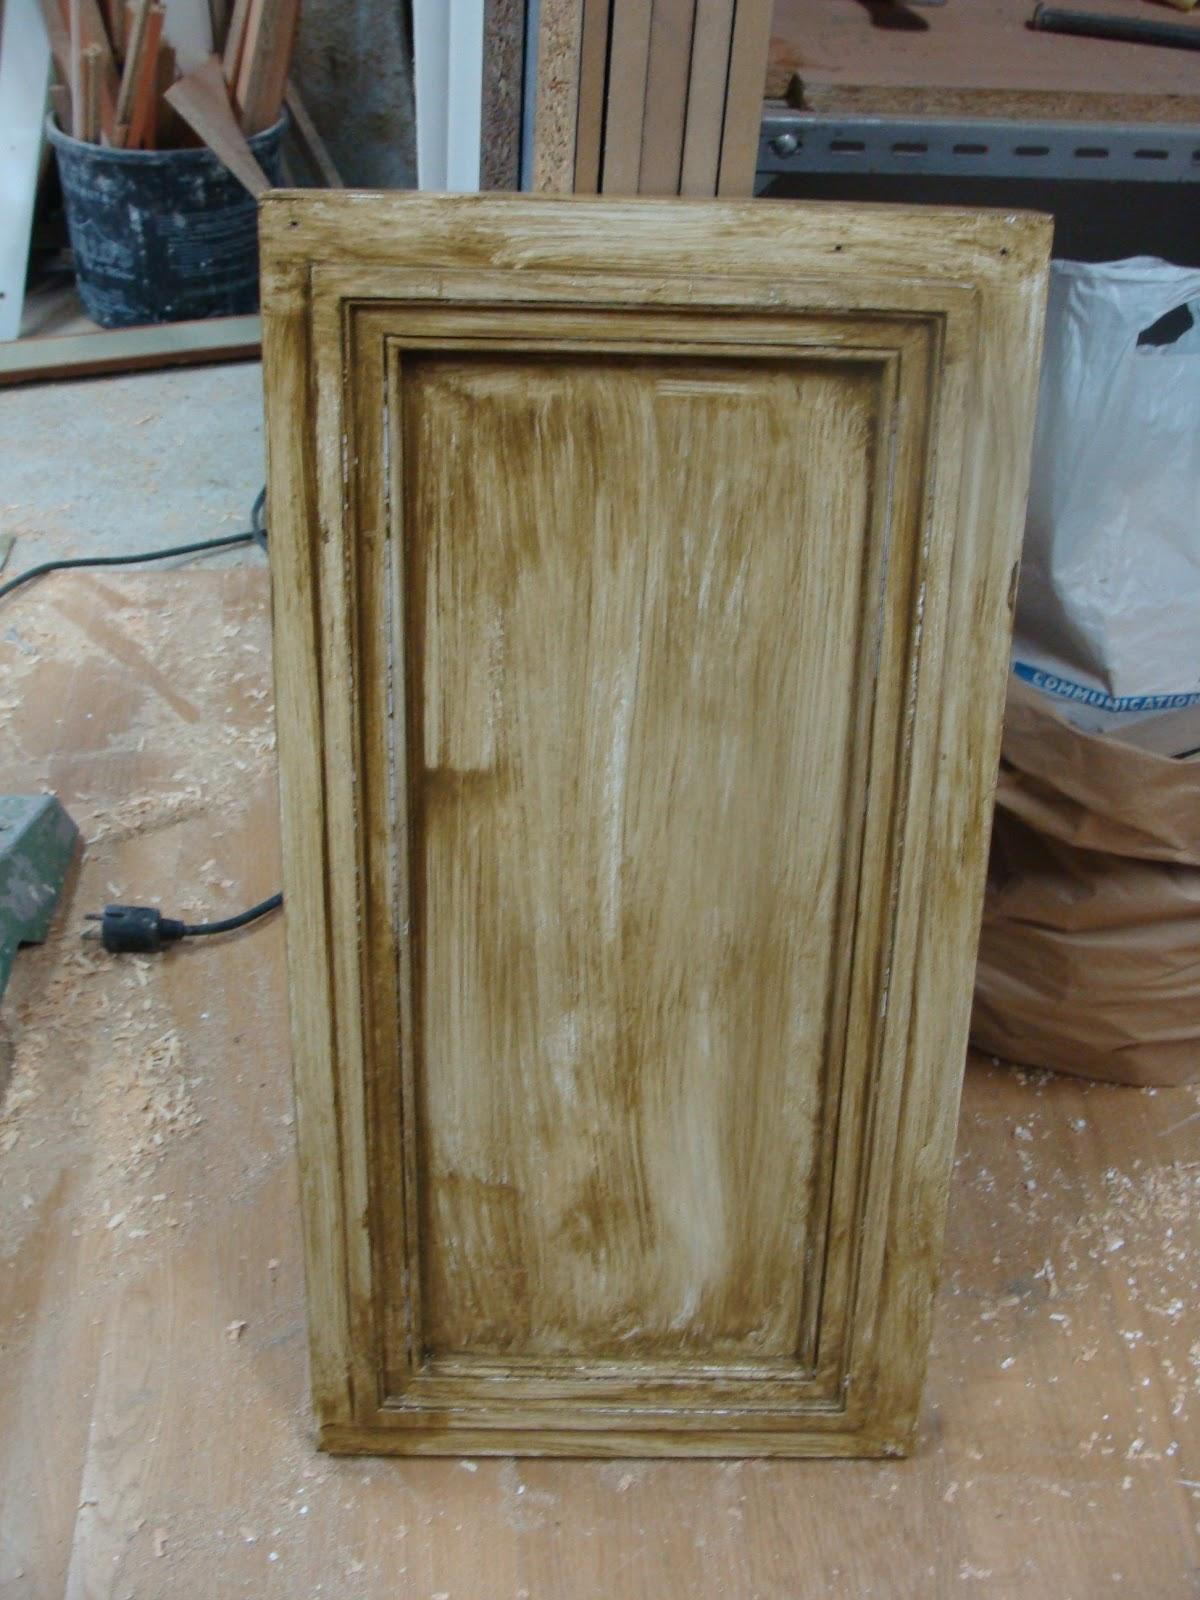 Andocarpinteando armario con materiales reciclados for Puertas recicladas